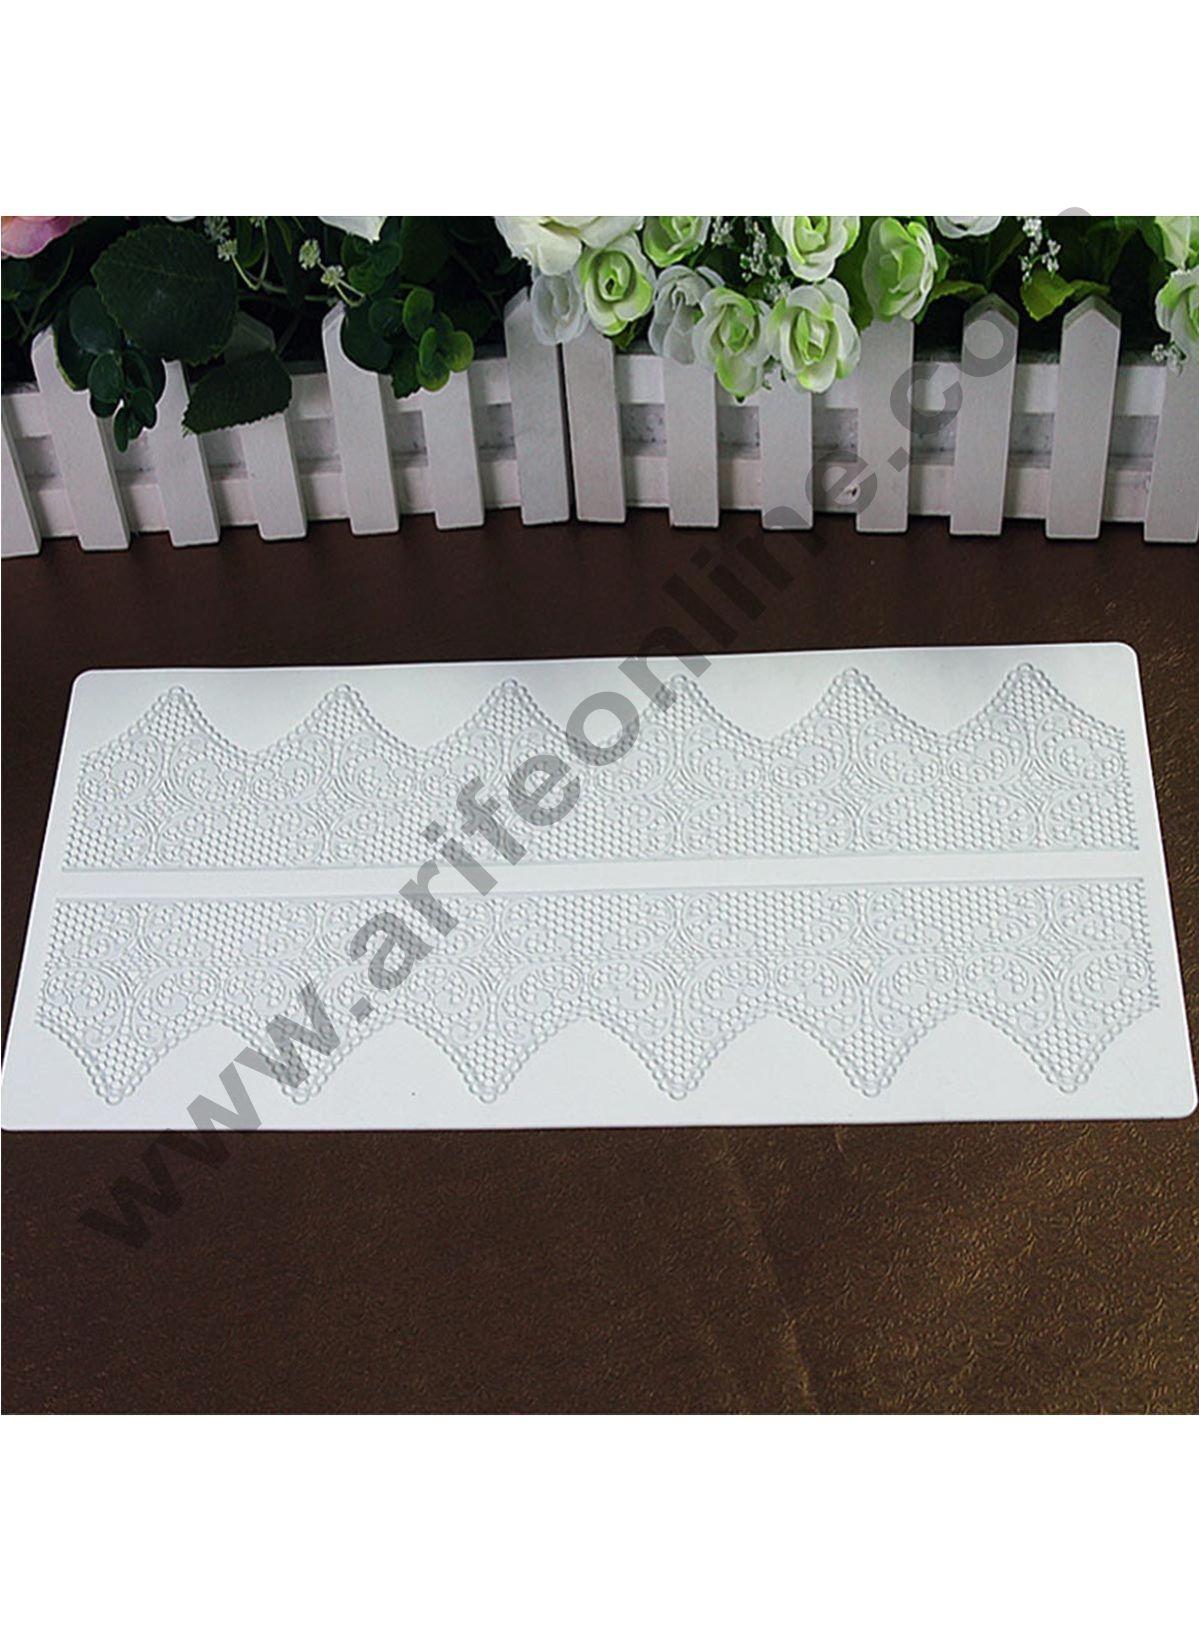 Cake Decor Silicone Mold Fondant Silicone Lace Mat Cake Edge Decoration Cake Decorating Pastry Tools Baking Mat Pad Sheet